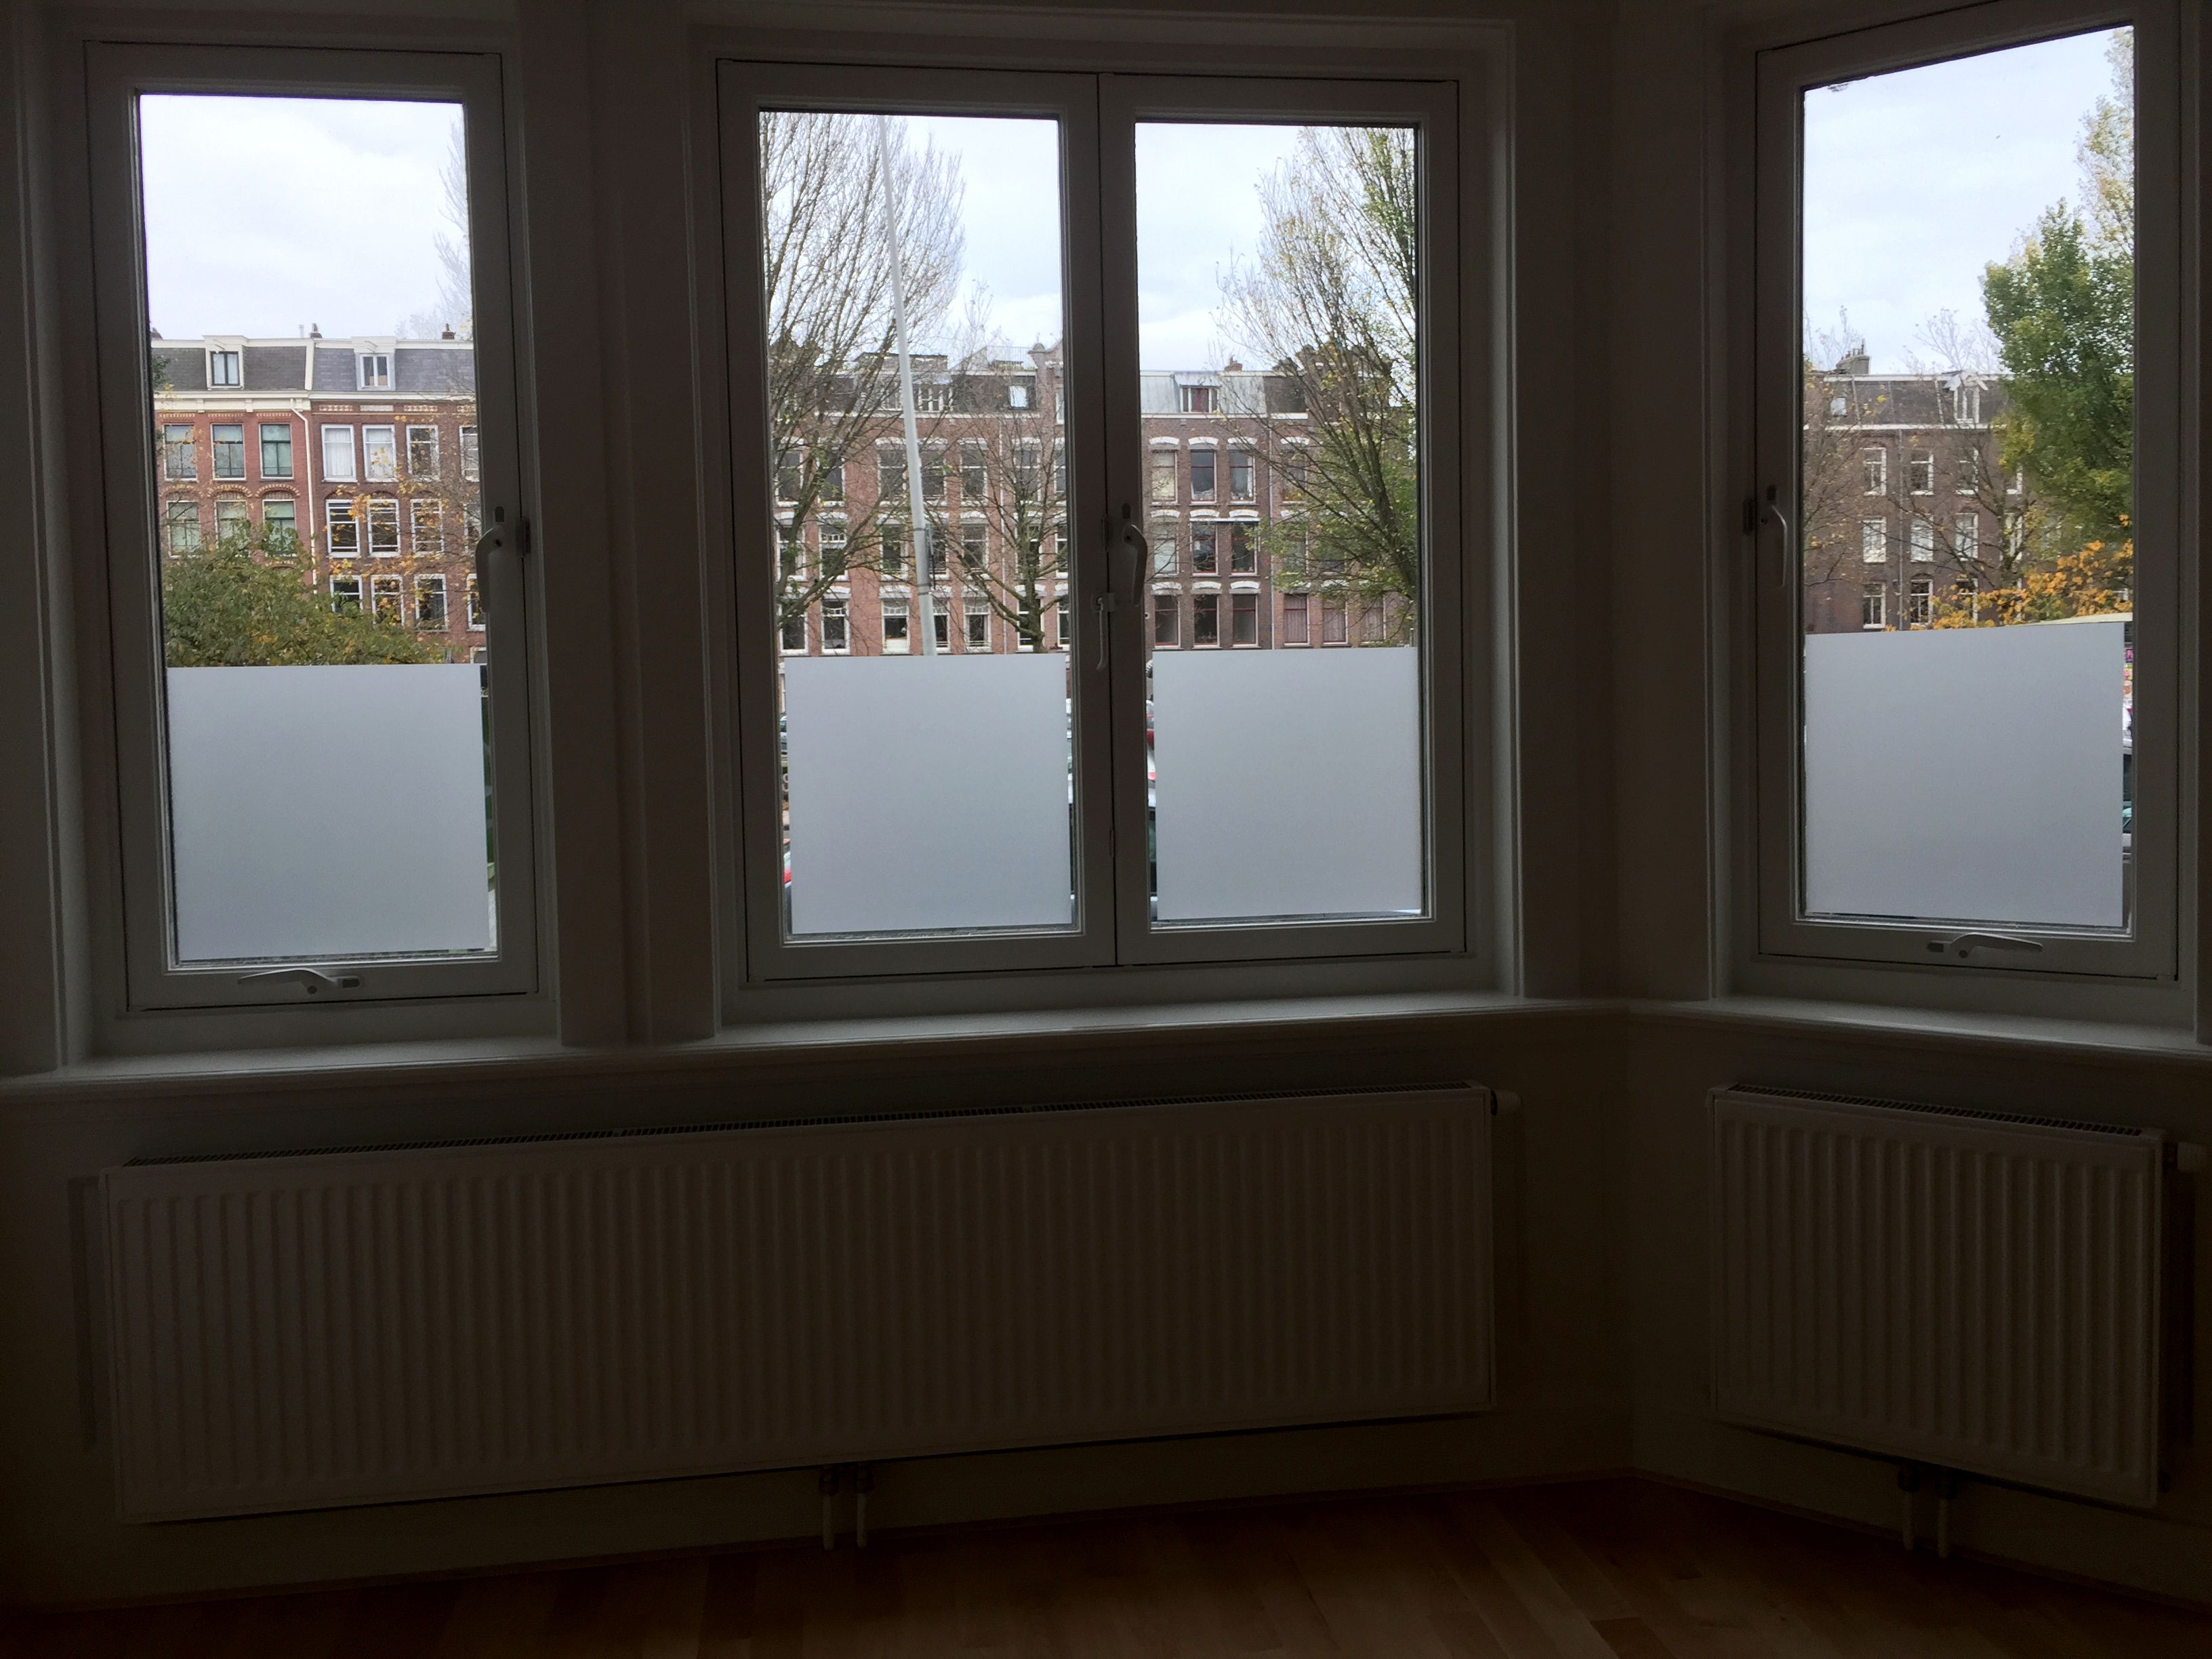 Uitgelezene Raamdecoratie Amsterdam tegen inkijk in de woonkamer AJ-42